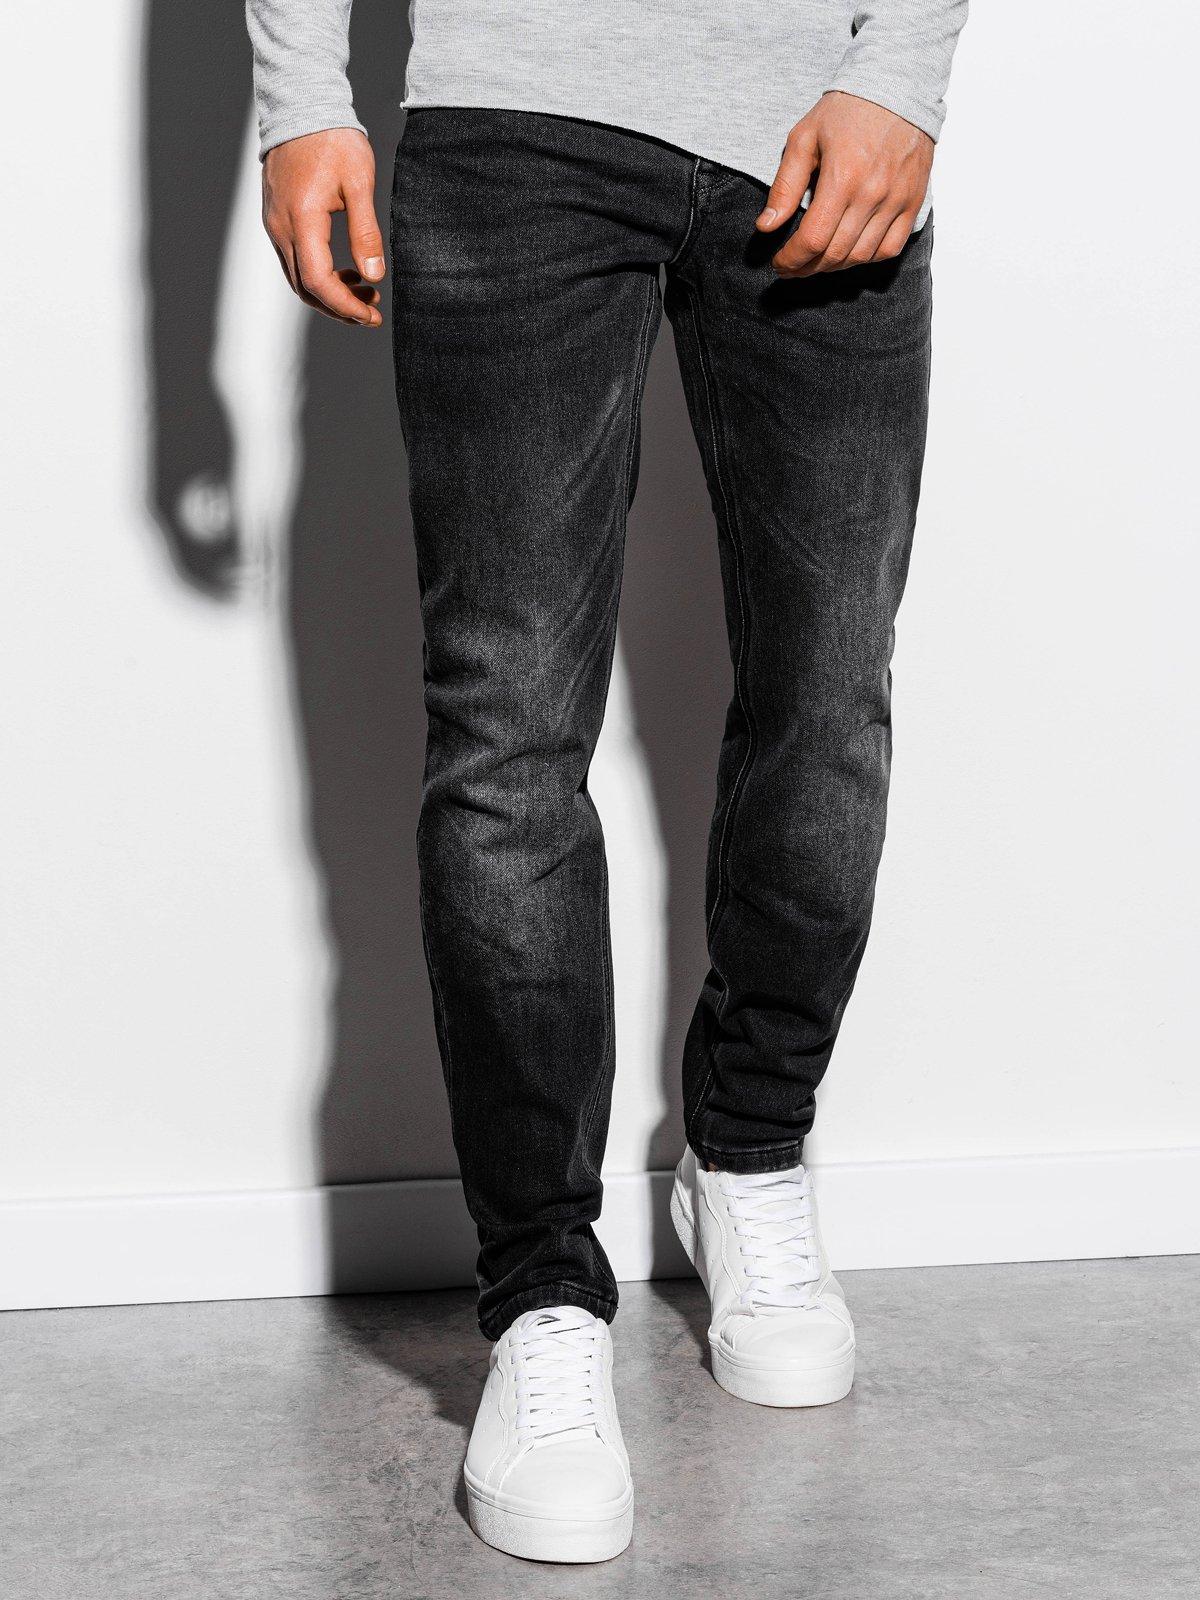 Spodnie męskie jeansowe P864 - czarne